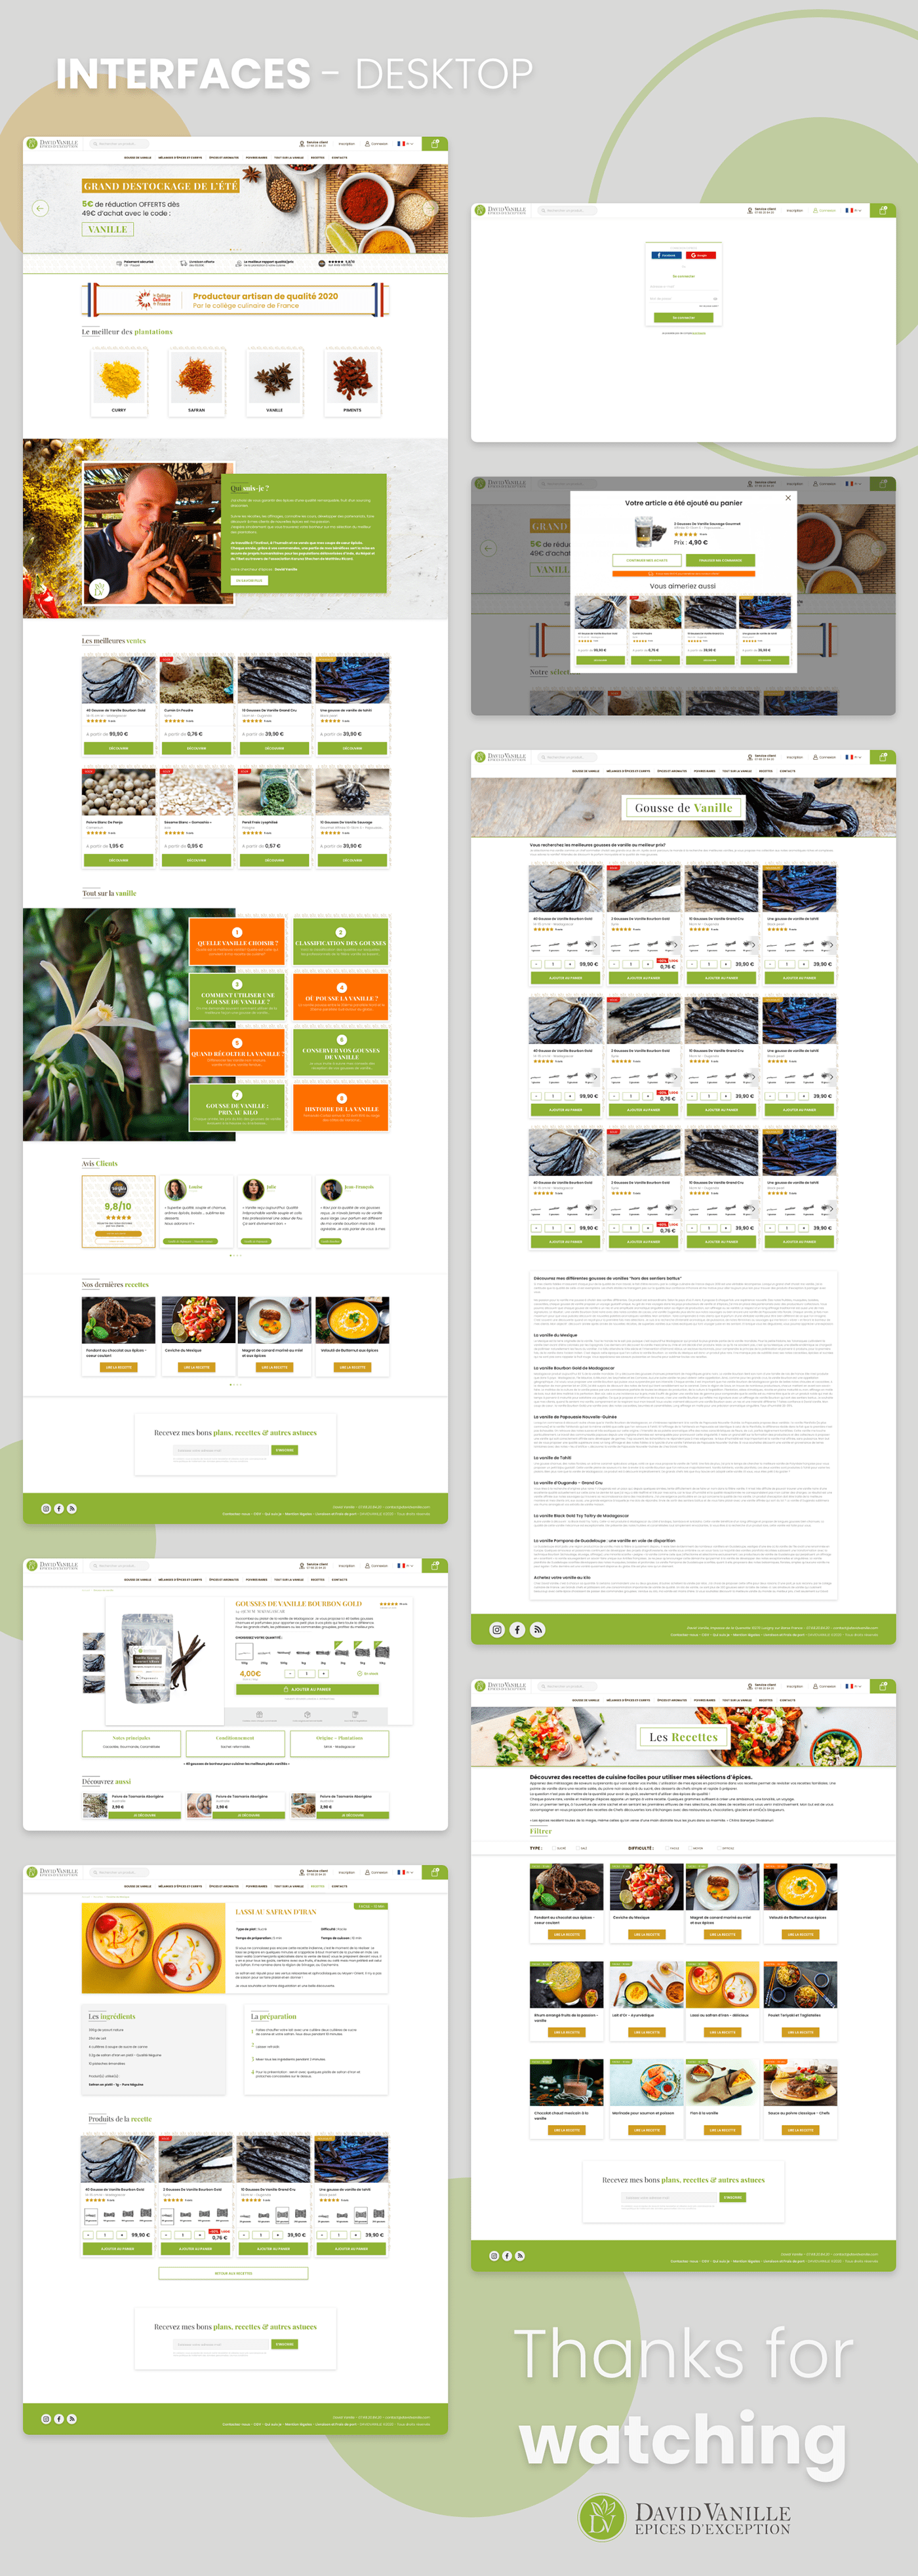 Adobe XD design epices epices d'exception poivres refont spices UI/UX vanille